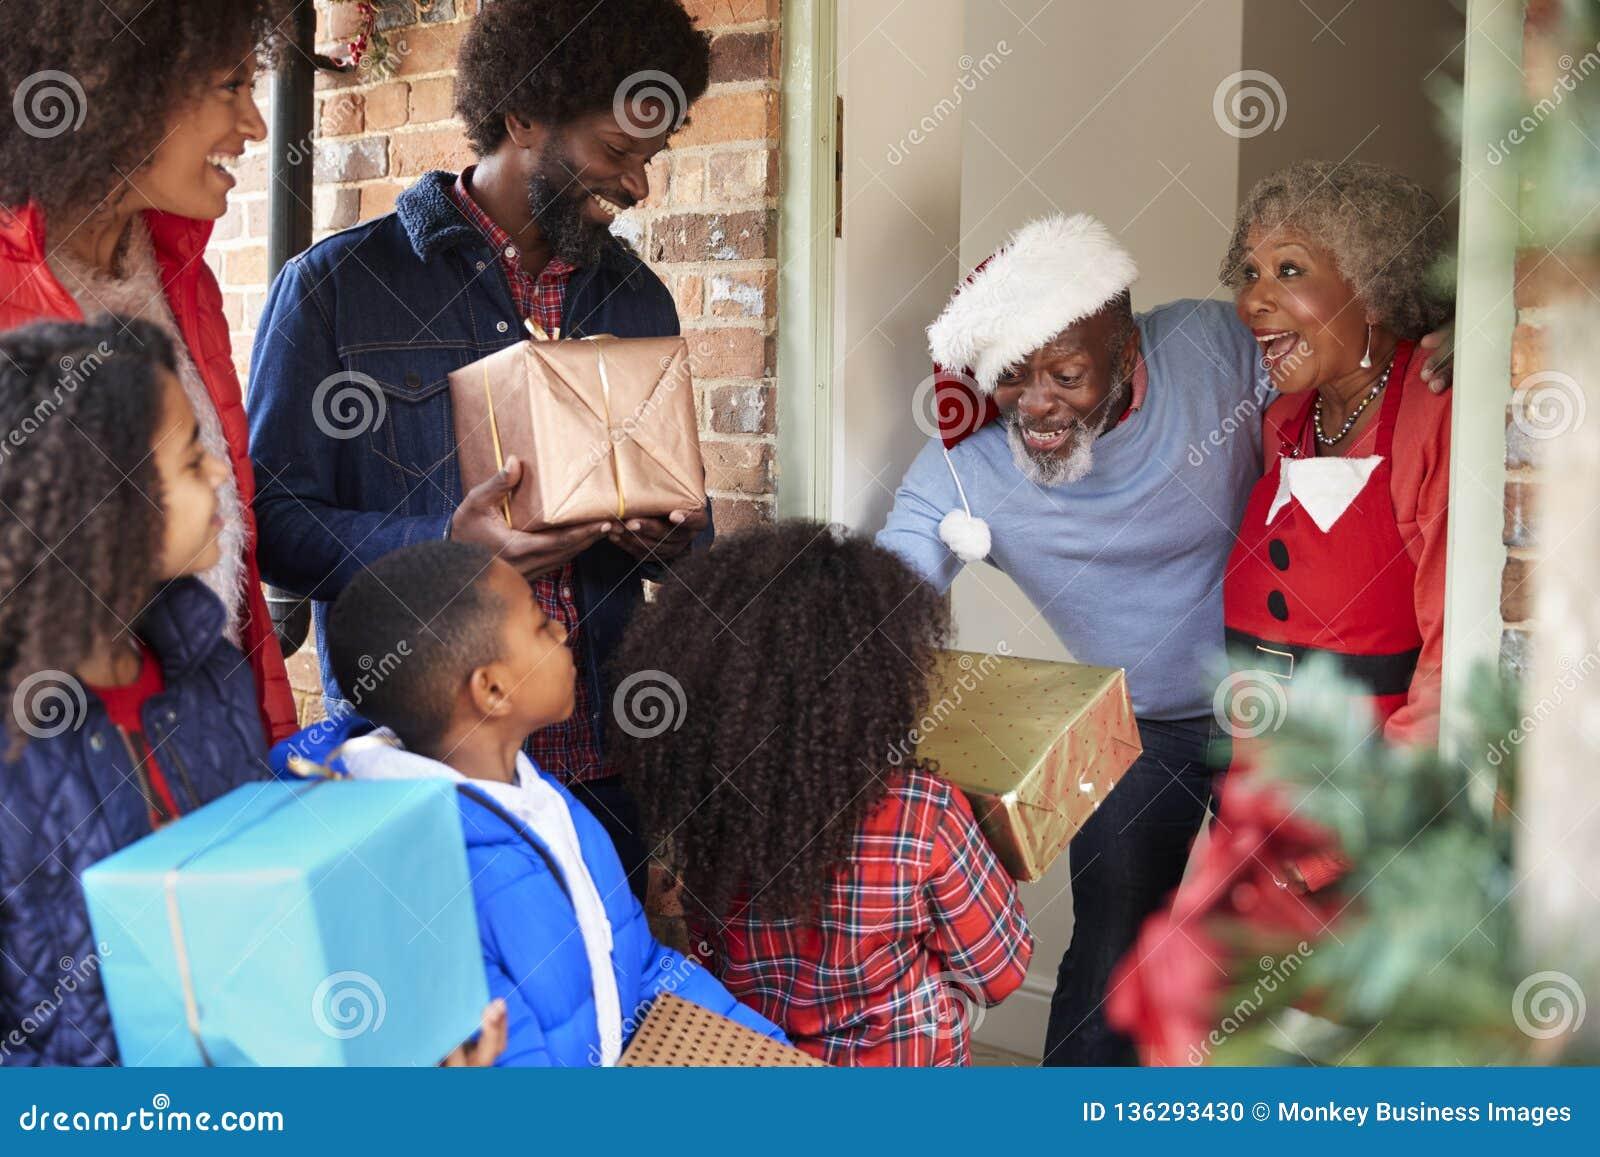 Παππούδες και γιαγιάδες που χαιρετούν την οικογένεια όπως φθάνουν για την επίσκεψη στη ημέρα των Χριστουγέννων με τα δώρα